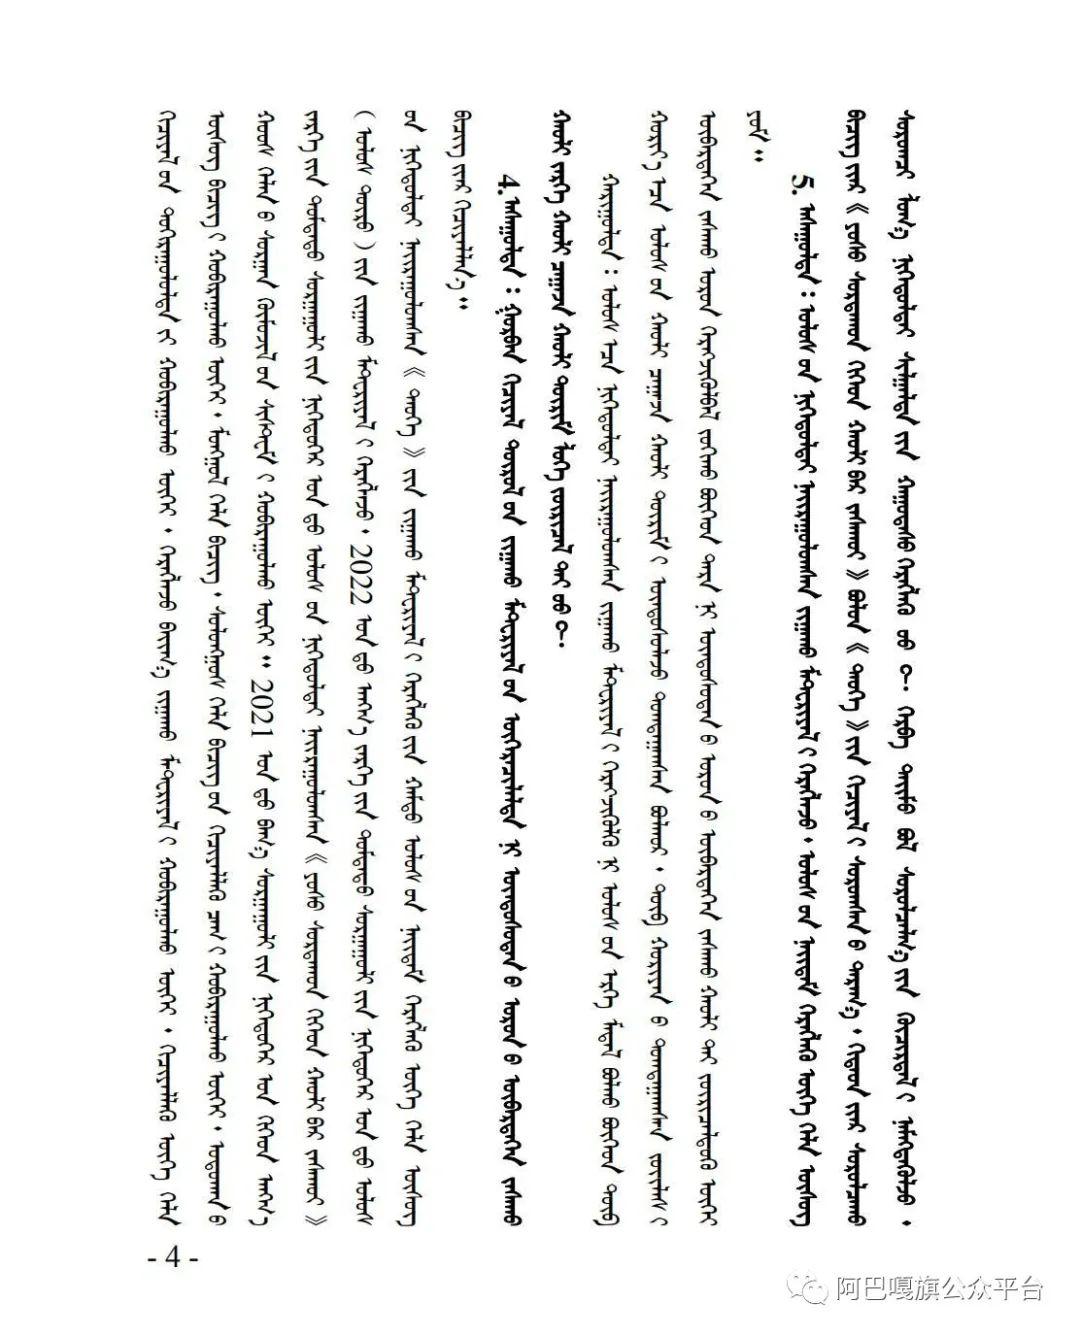 """锡林郭勒盟使用国家统编教材""""有问必答""""(第一期)(蒙汉文) 第4张 锡林郭勒盟使用国家统编教材""""有问必答""""(第一期)(蒙汉文) 蒙古文库"""